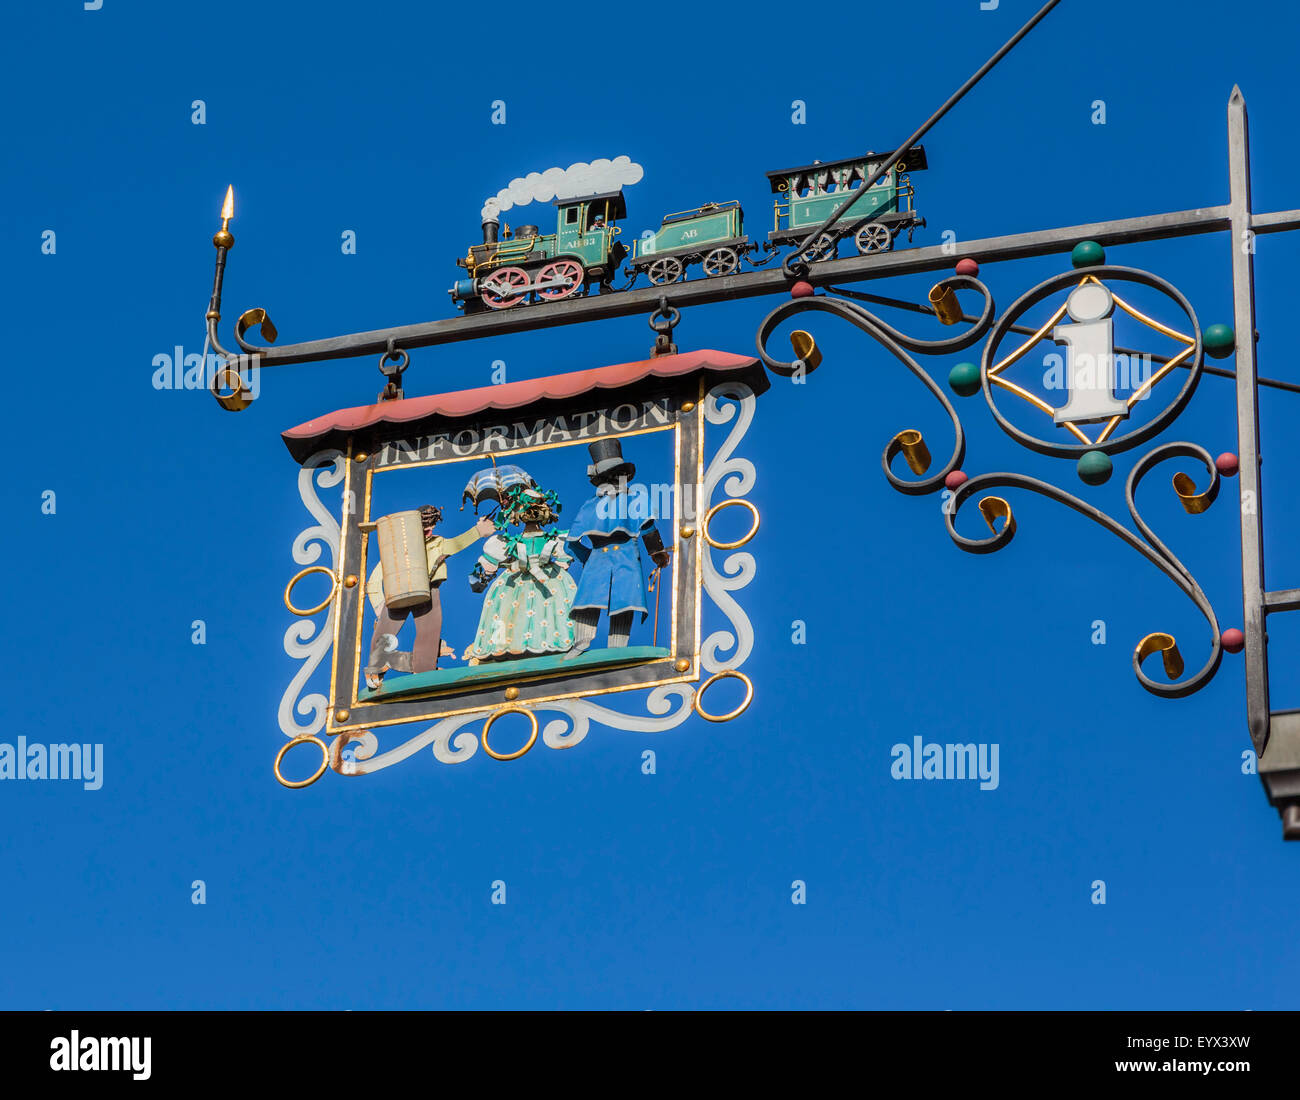 Appenzell, Appenzell Rhodes-Intérieures Canton, Suisse. Informations Inscription en face de l'Appenzell Photo Stock